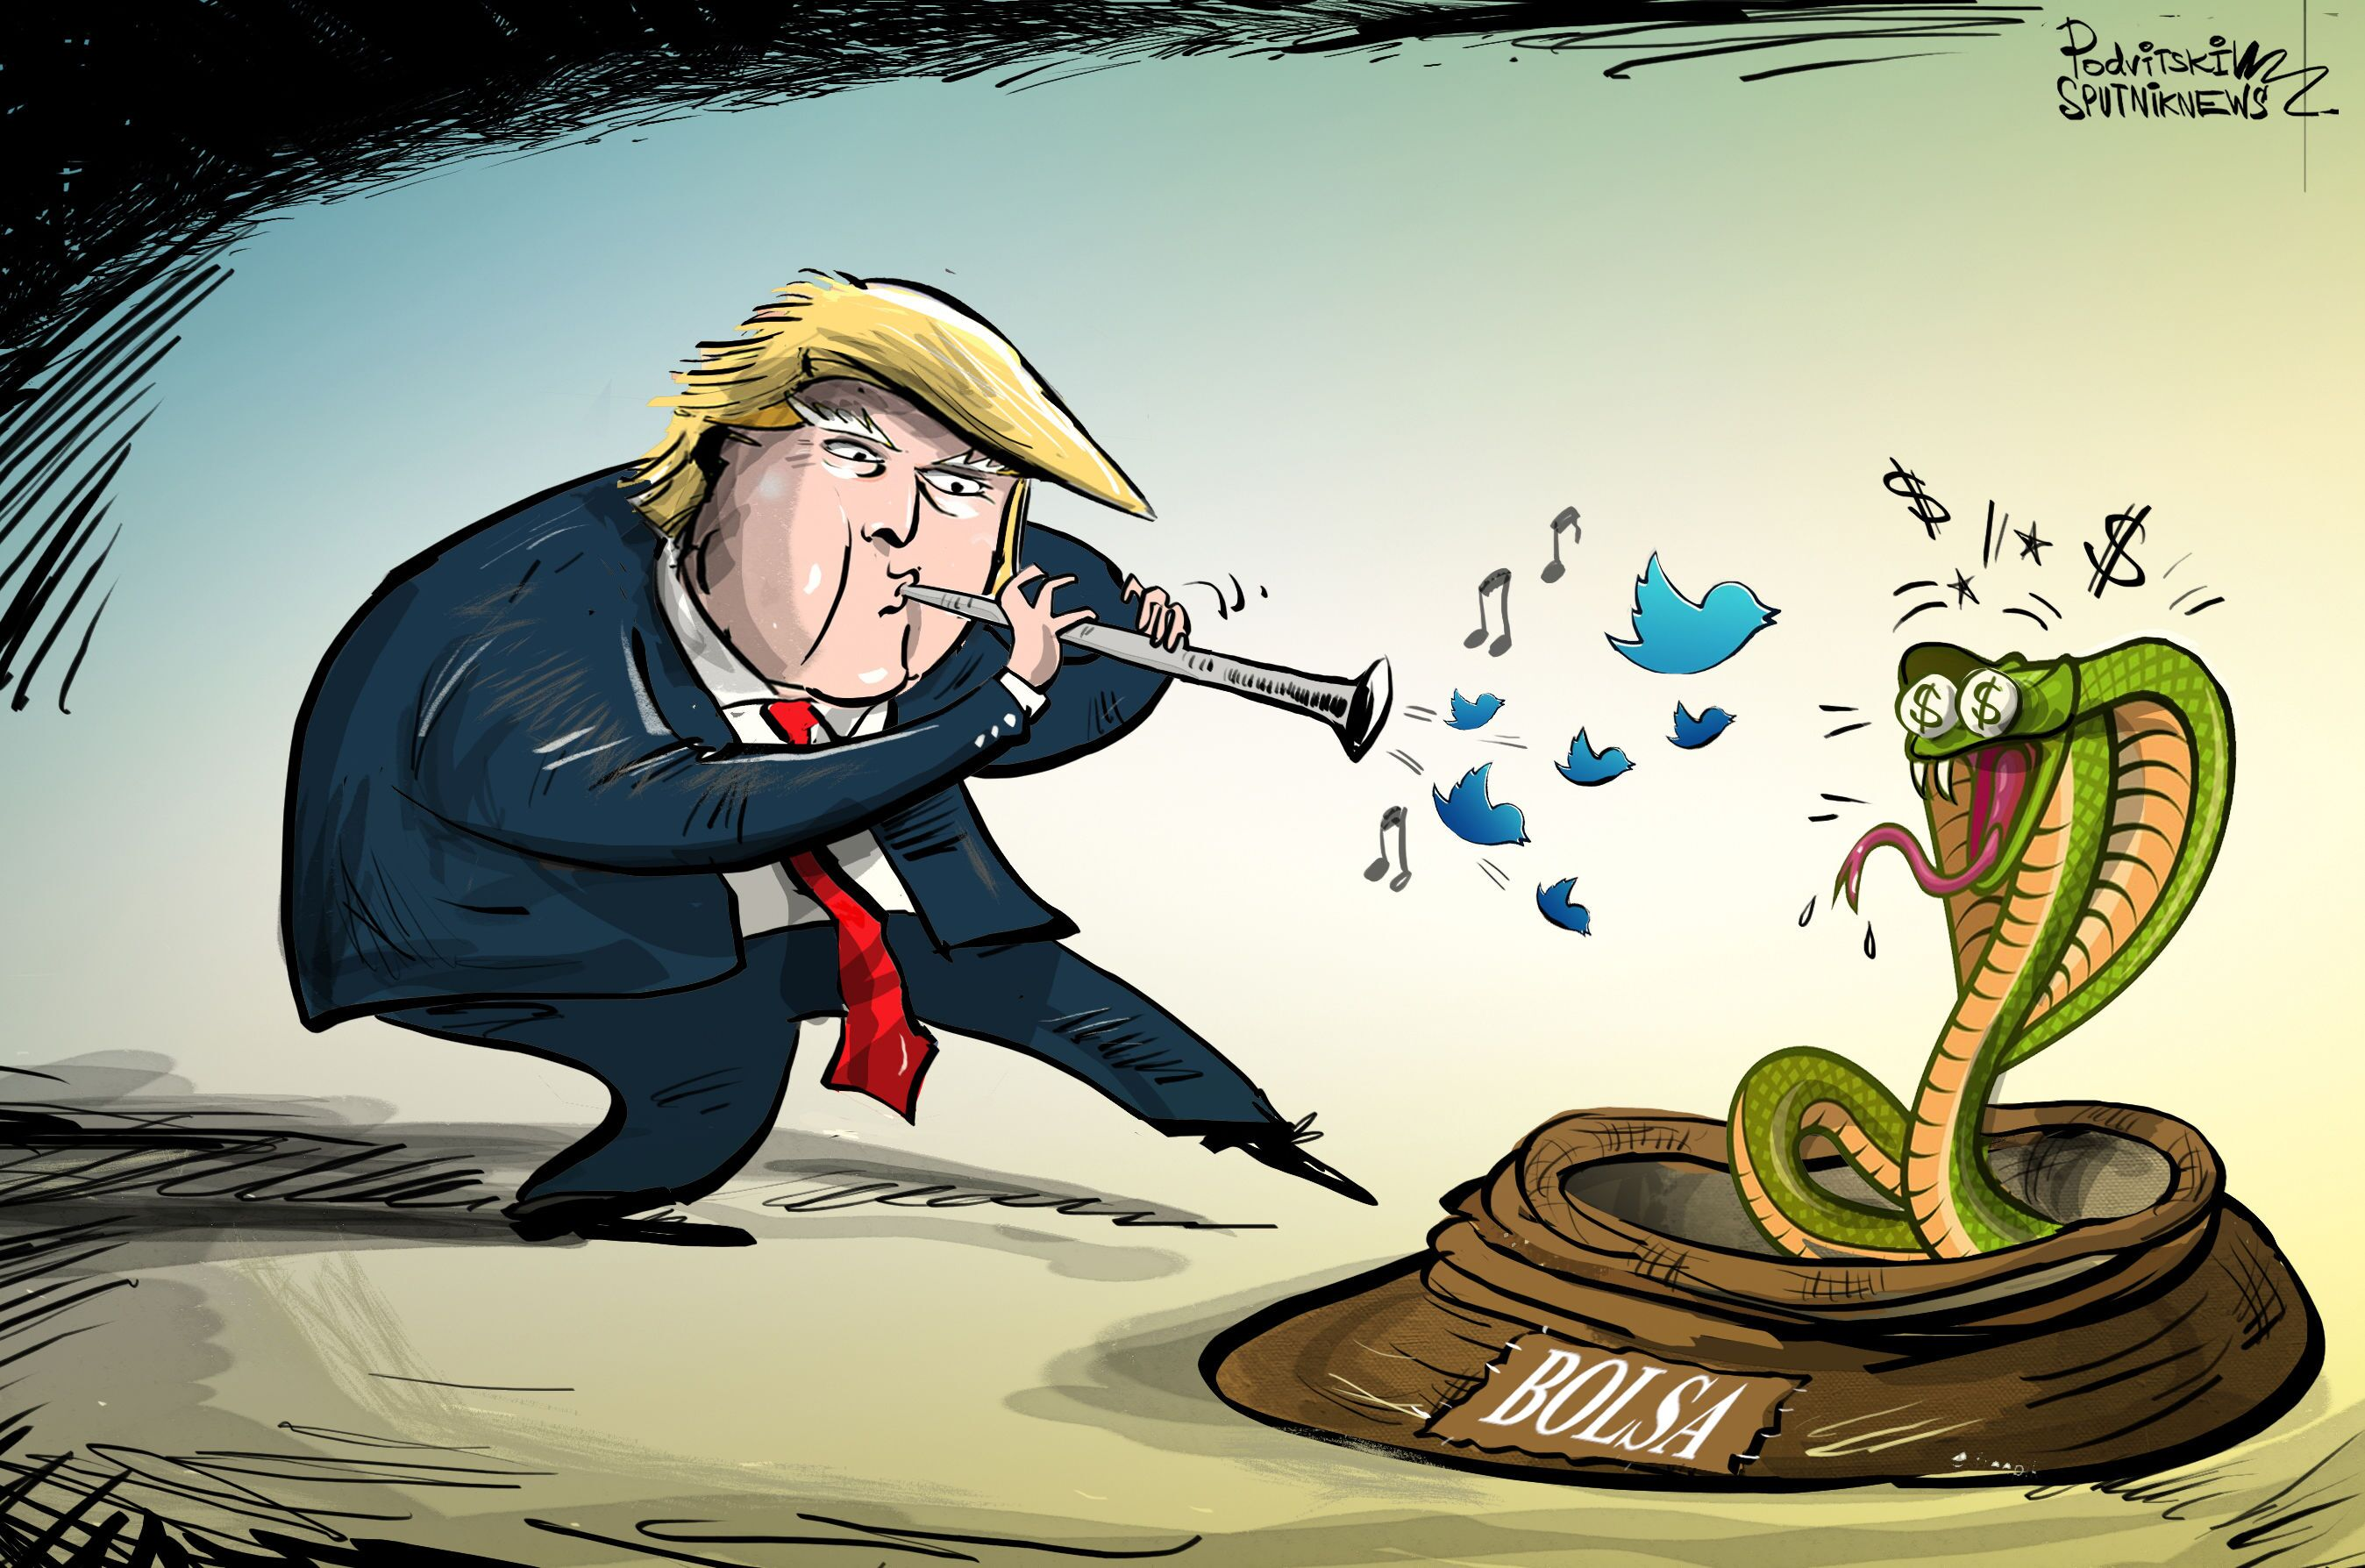 Essa música deliciosa de Trump